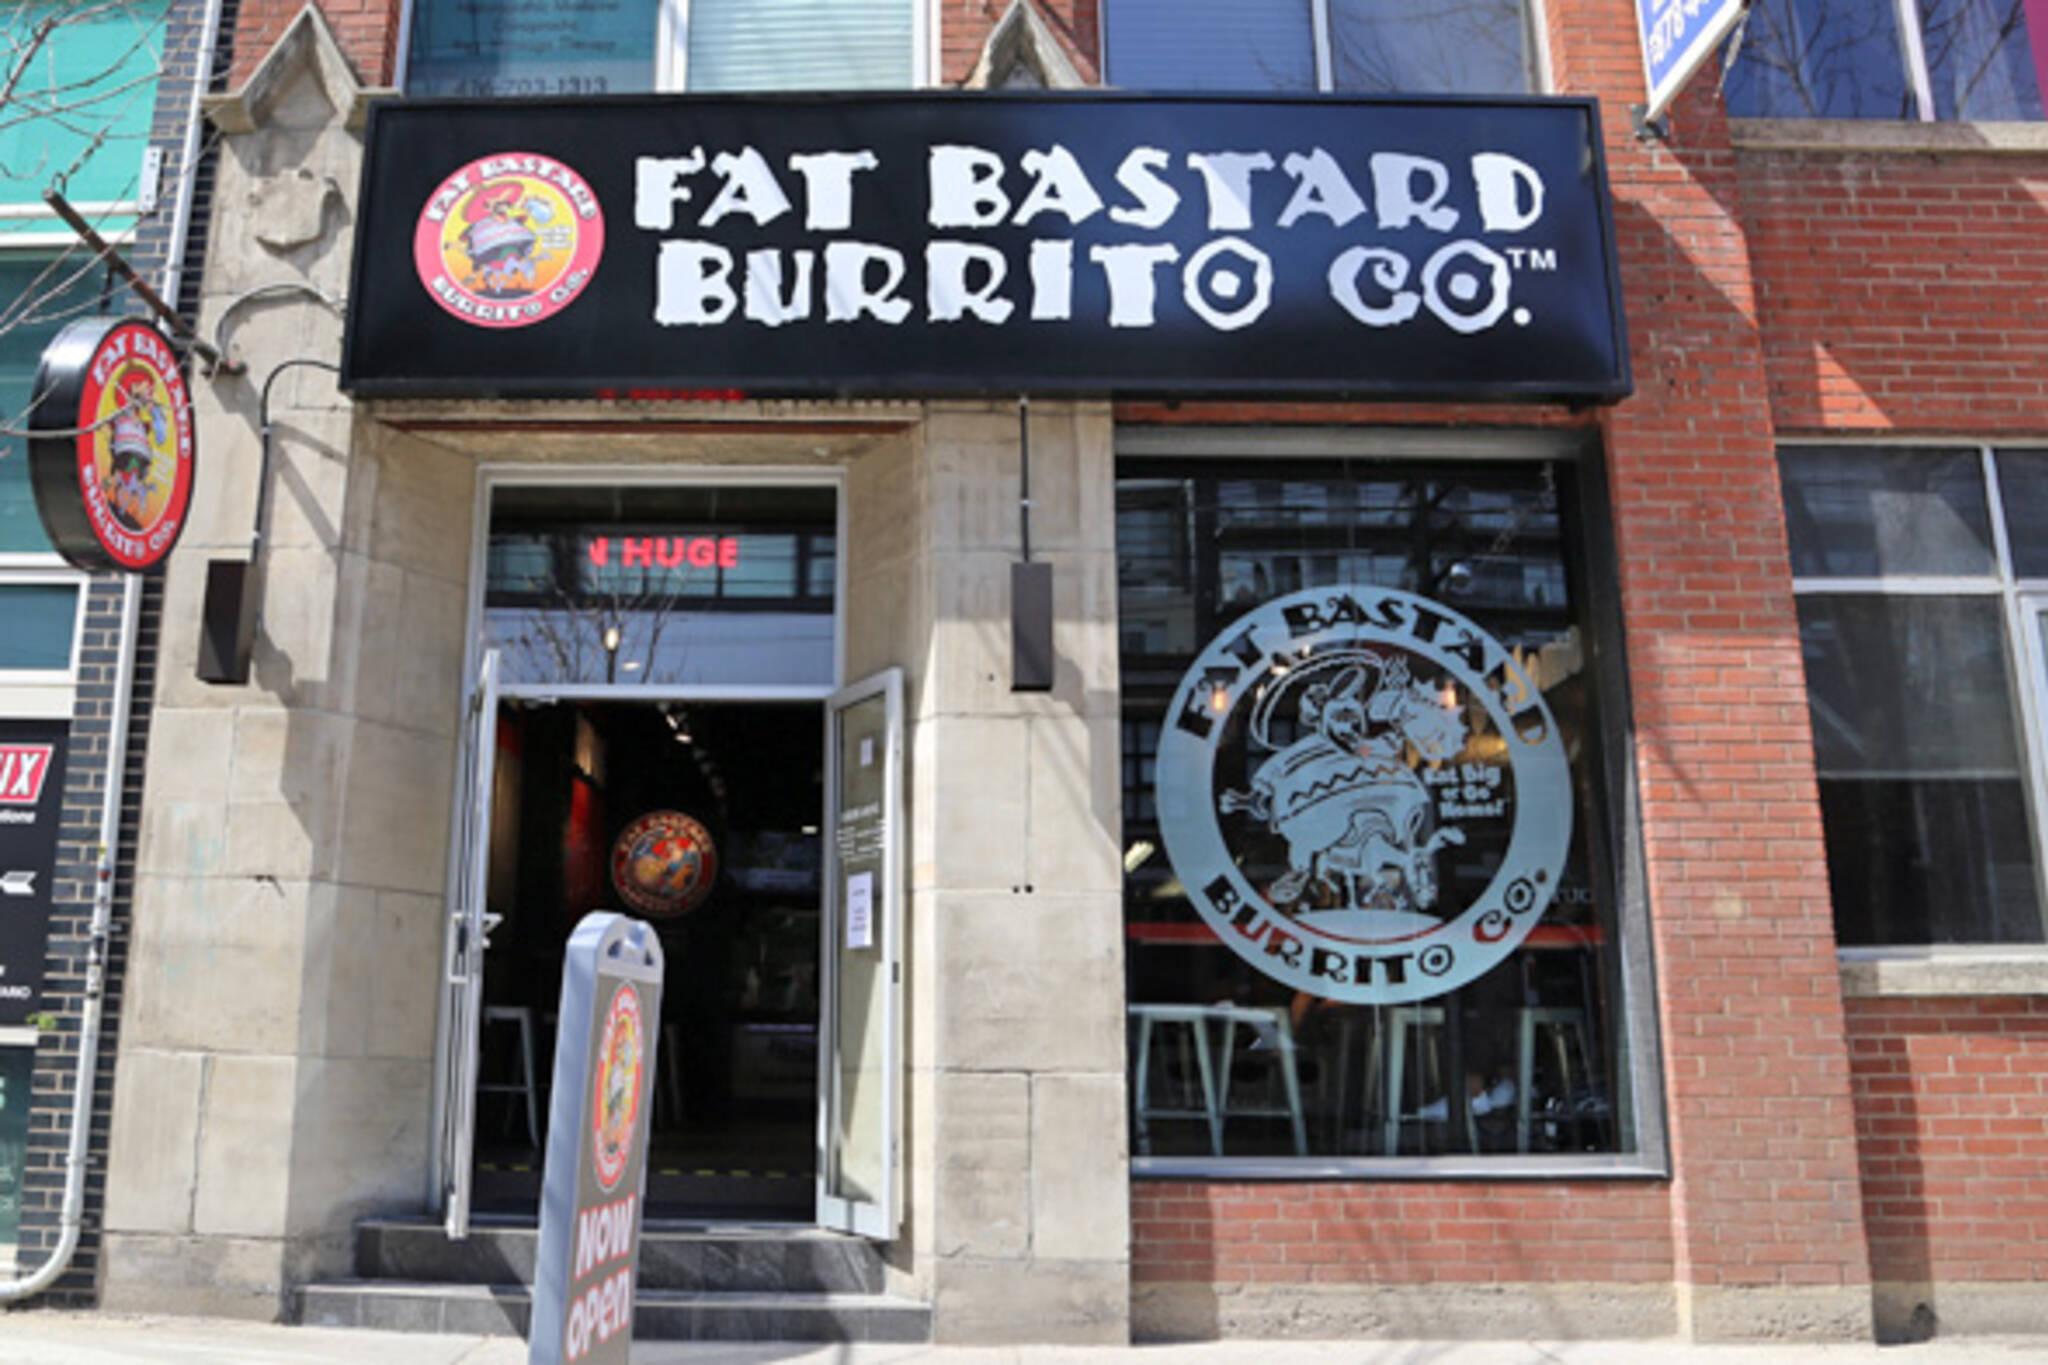 Fat Bastard Burrito King